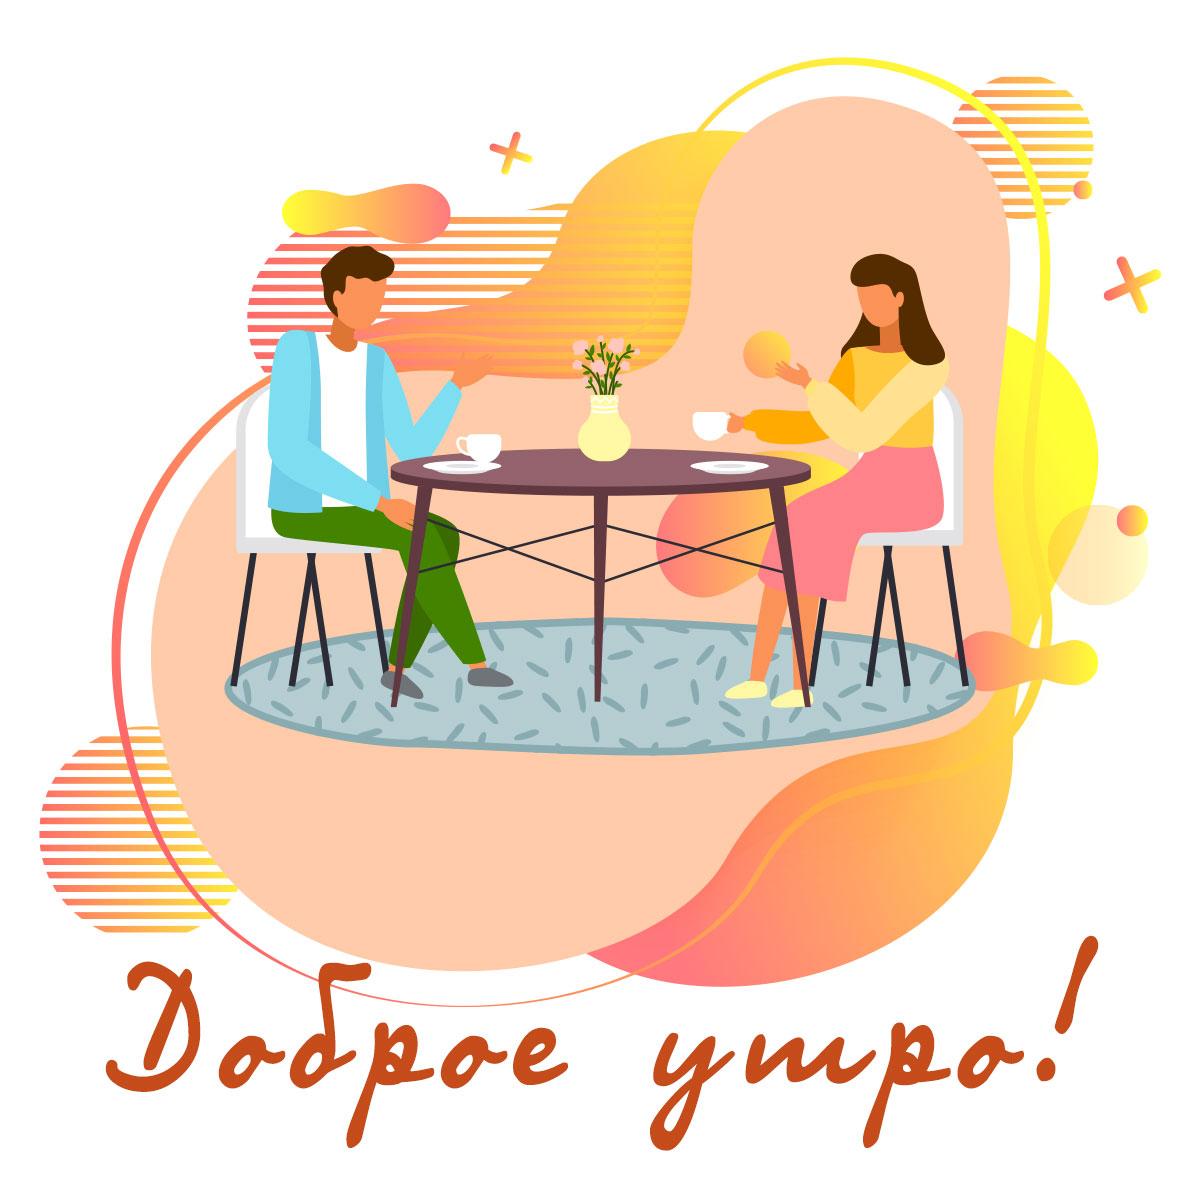 Рисунок мужчины и женщины, сидящих за круглым столом с чайными чашками.